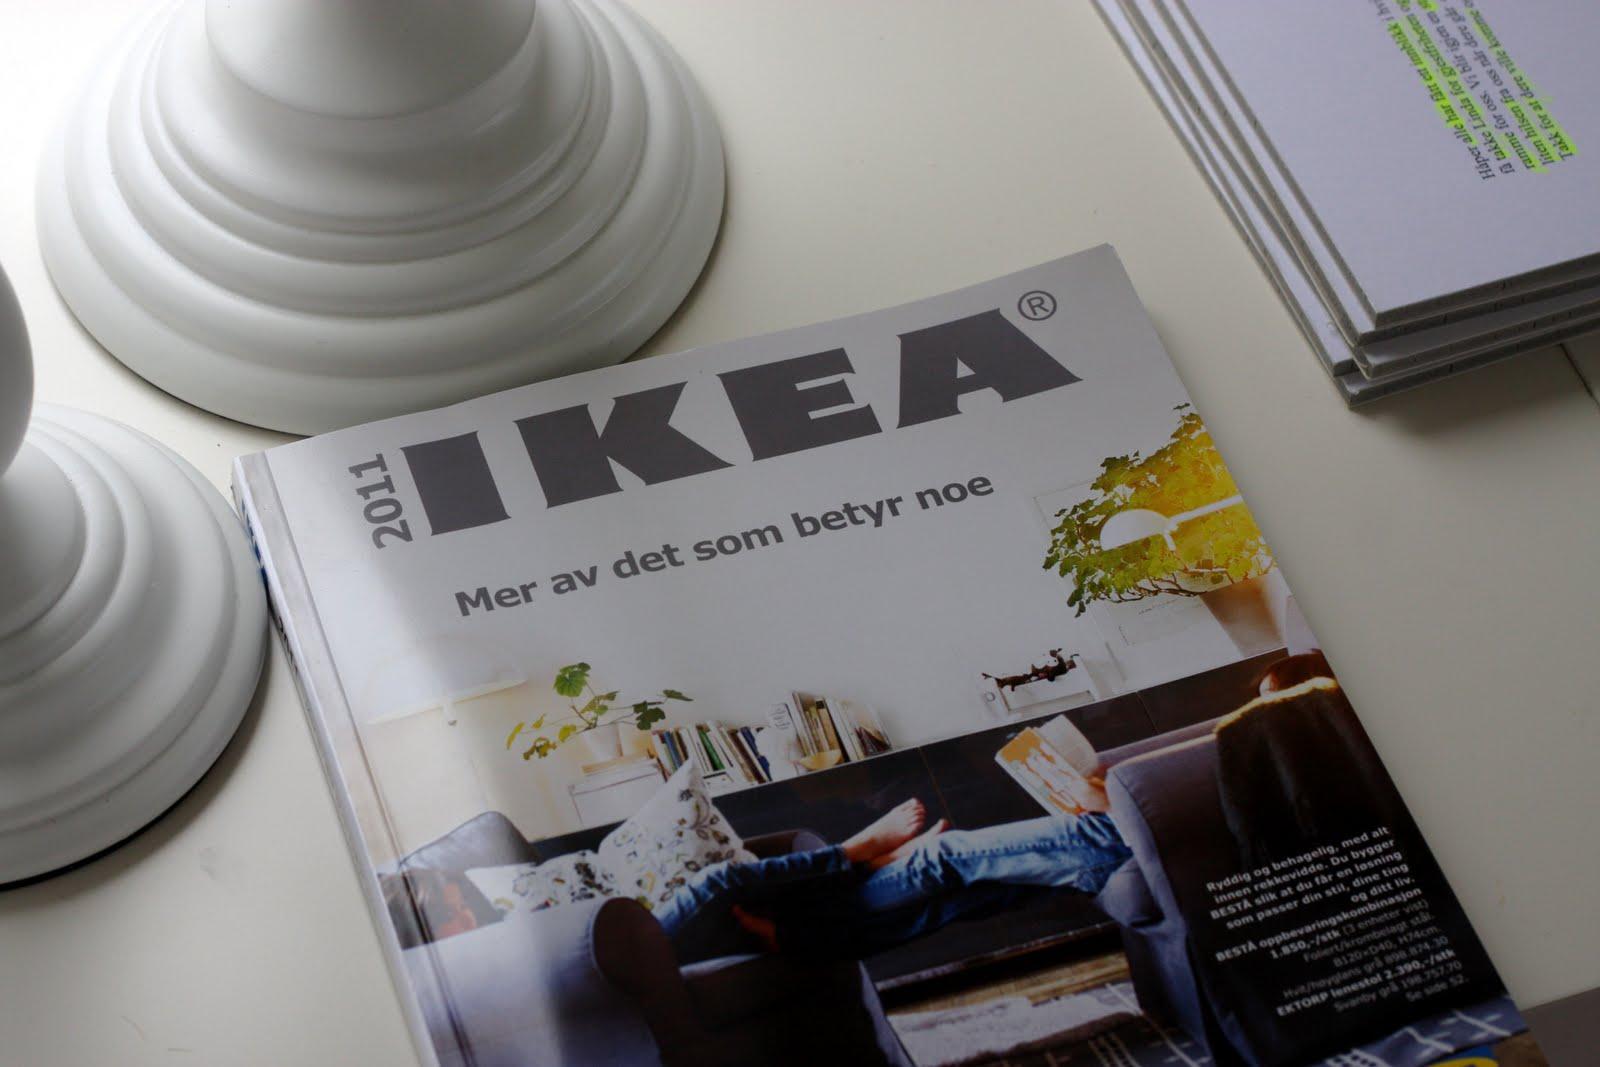 Ikea betyr